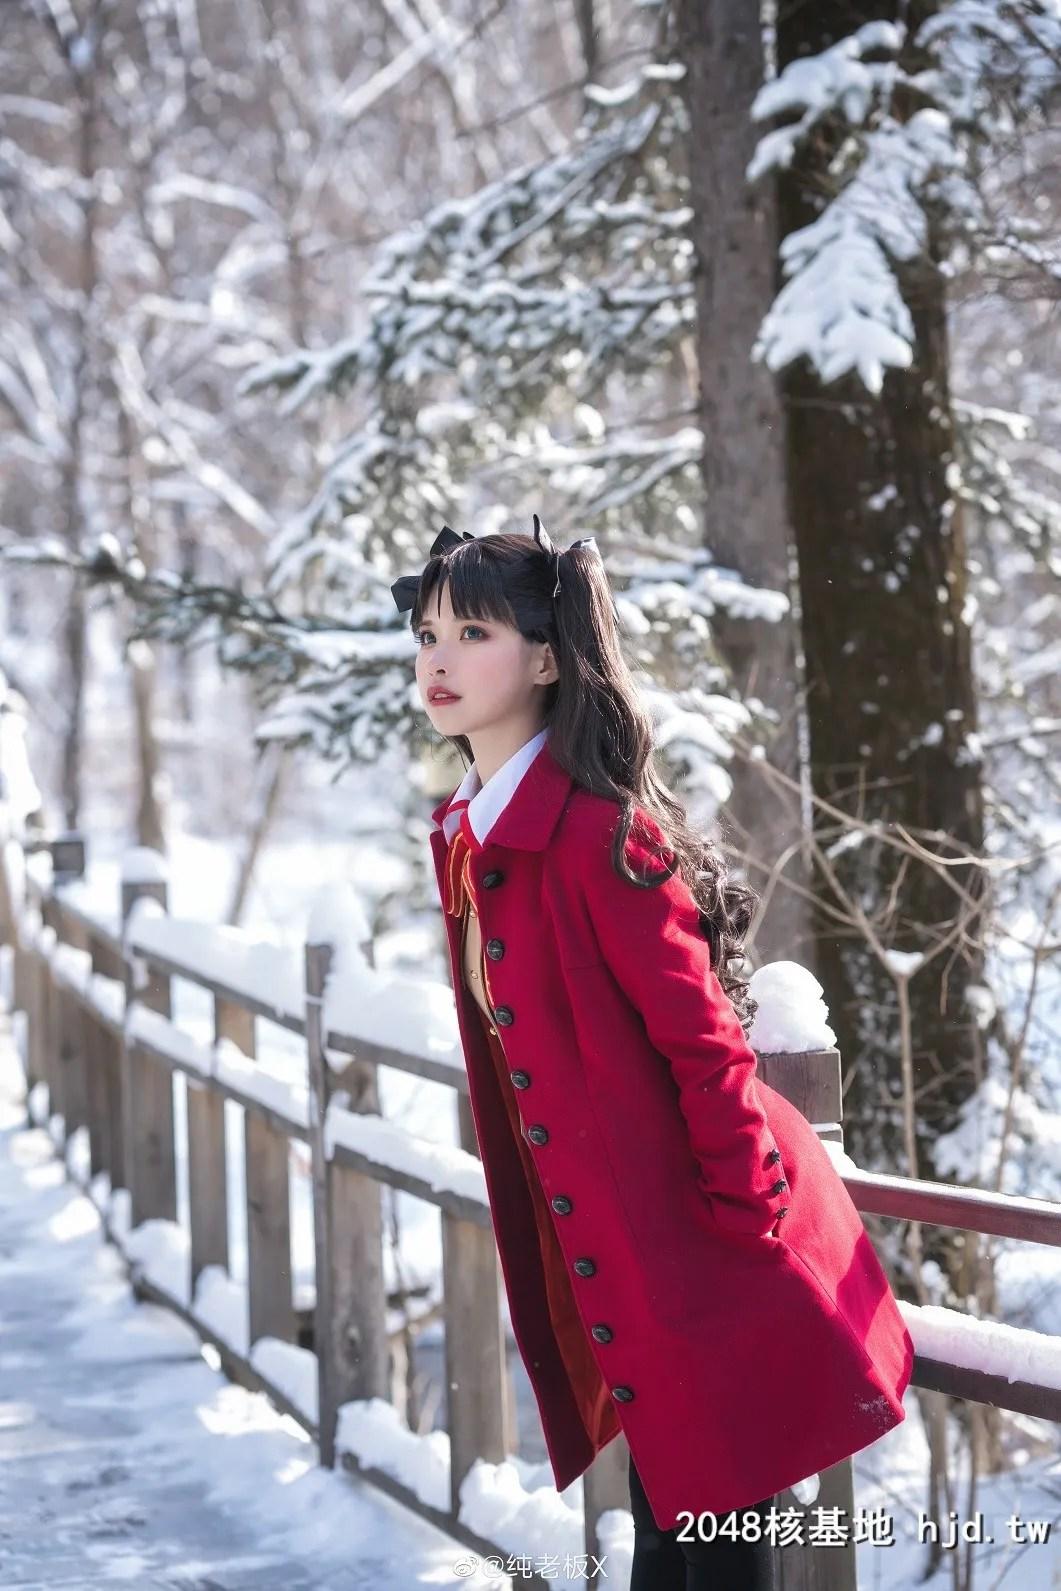 Fate/stay night远坂凛@纯老板X (10P)插图(5)